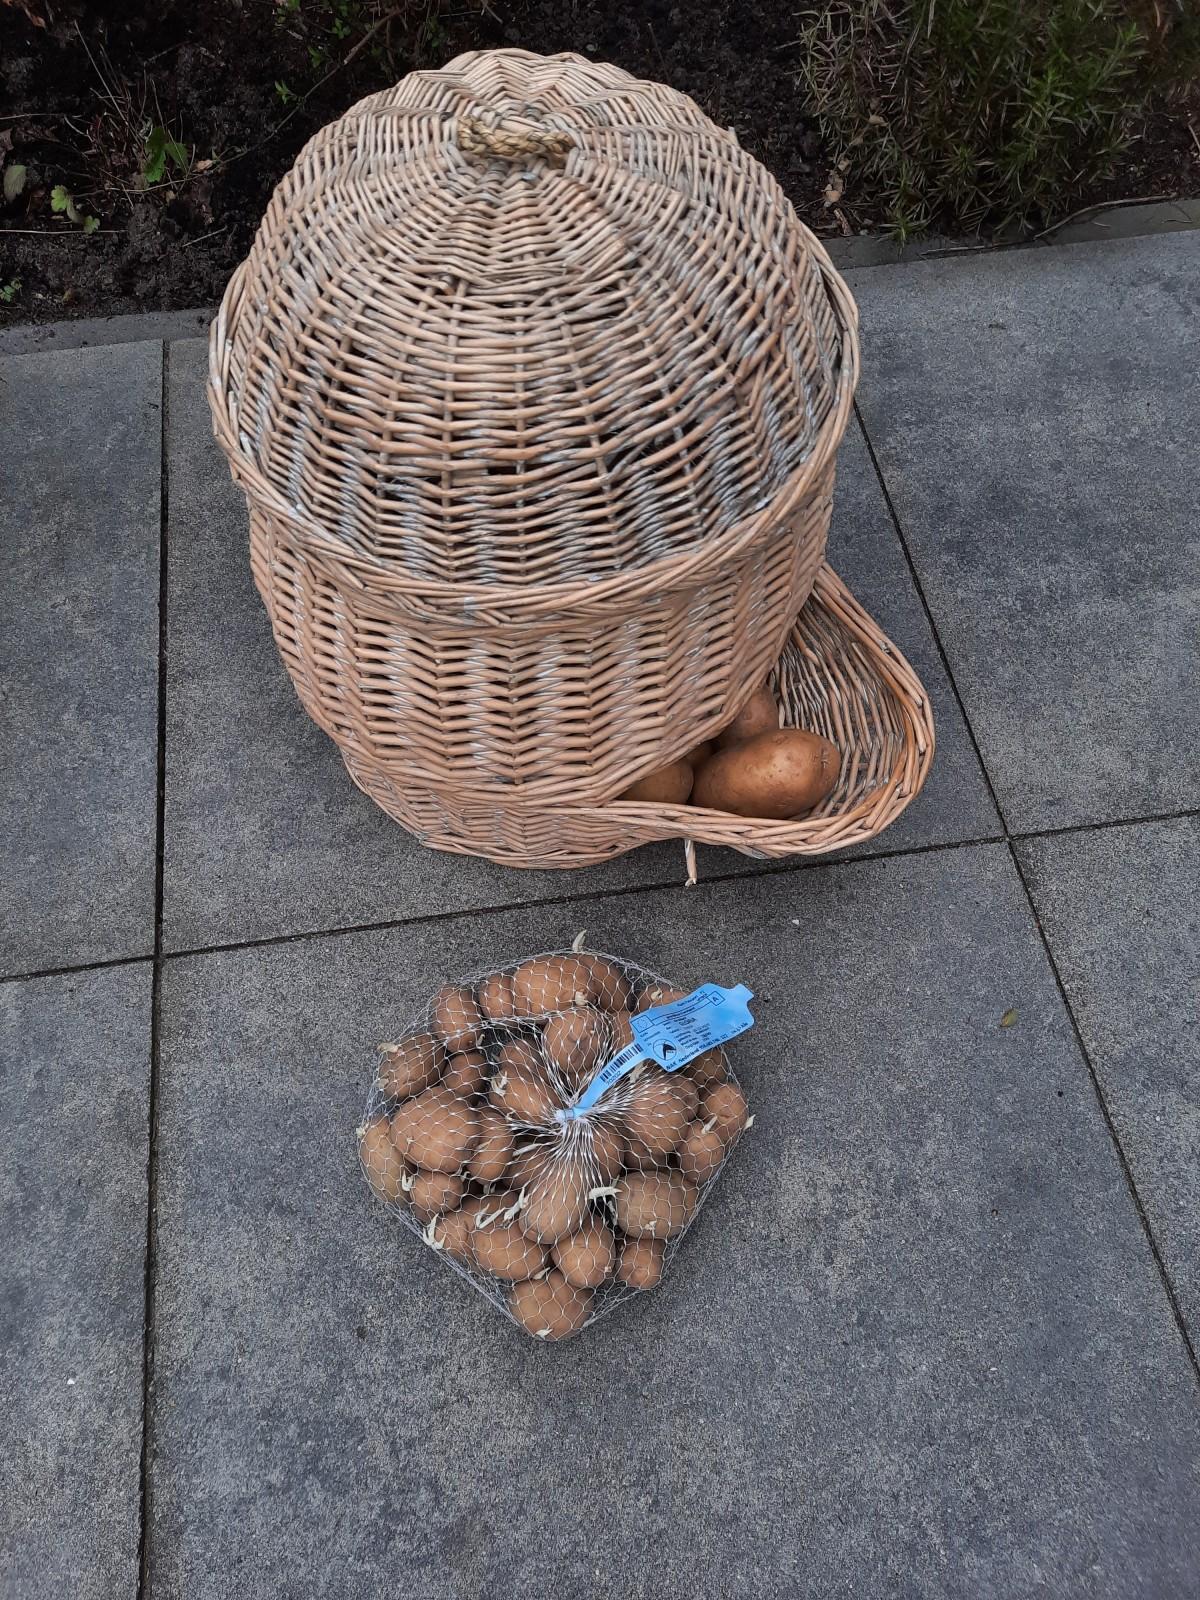 Aanpoten met aardappelen in hetvoorjaar